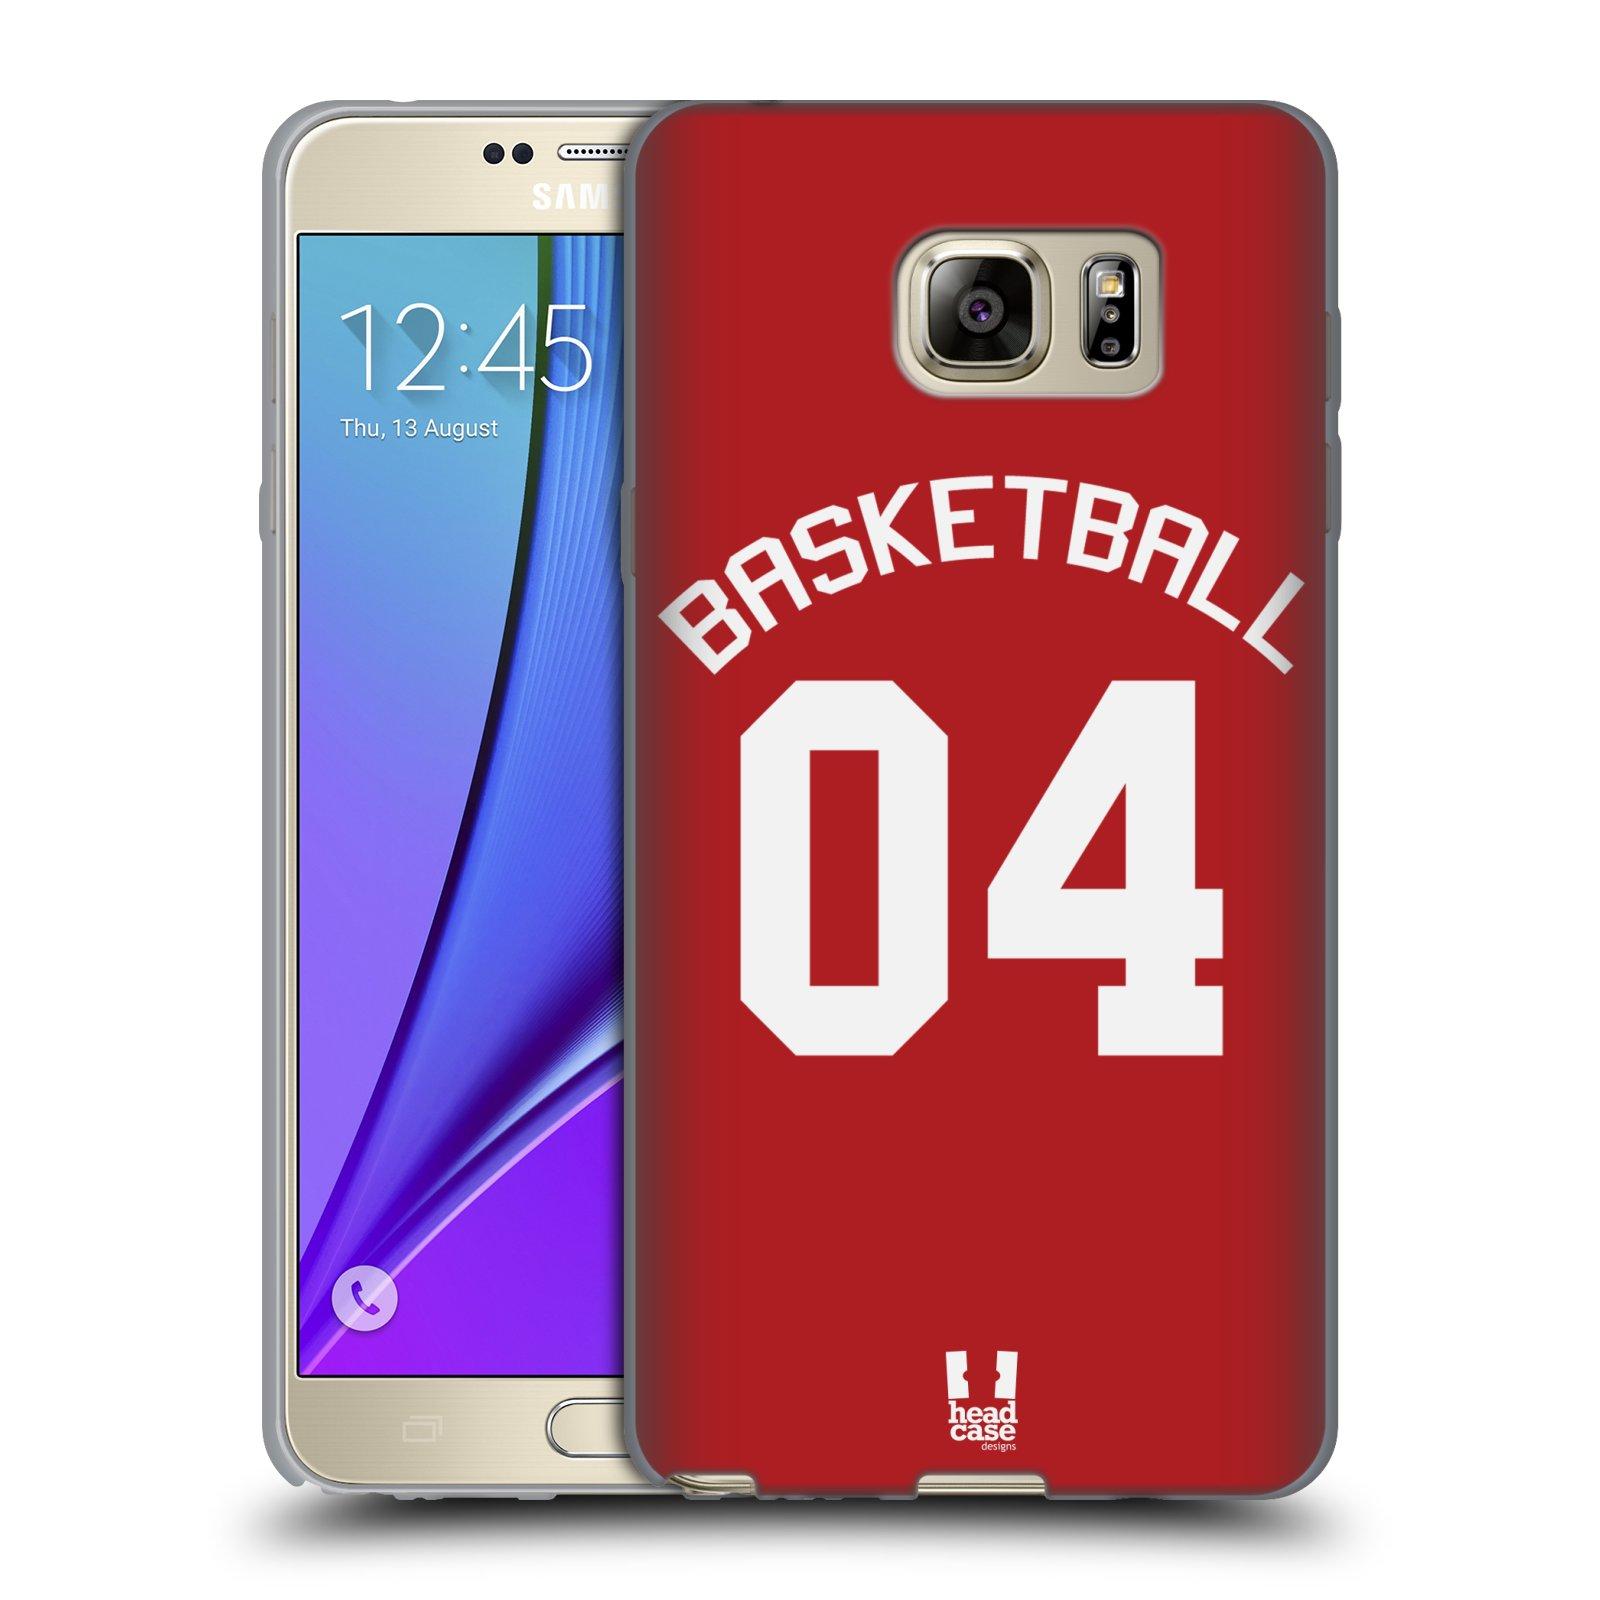 HEAD CASE silikonový obal na mobil Samsung Galaxy Note 5 Sportovní dres Basketbal červený